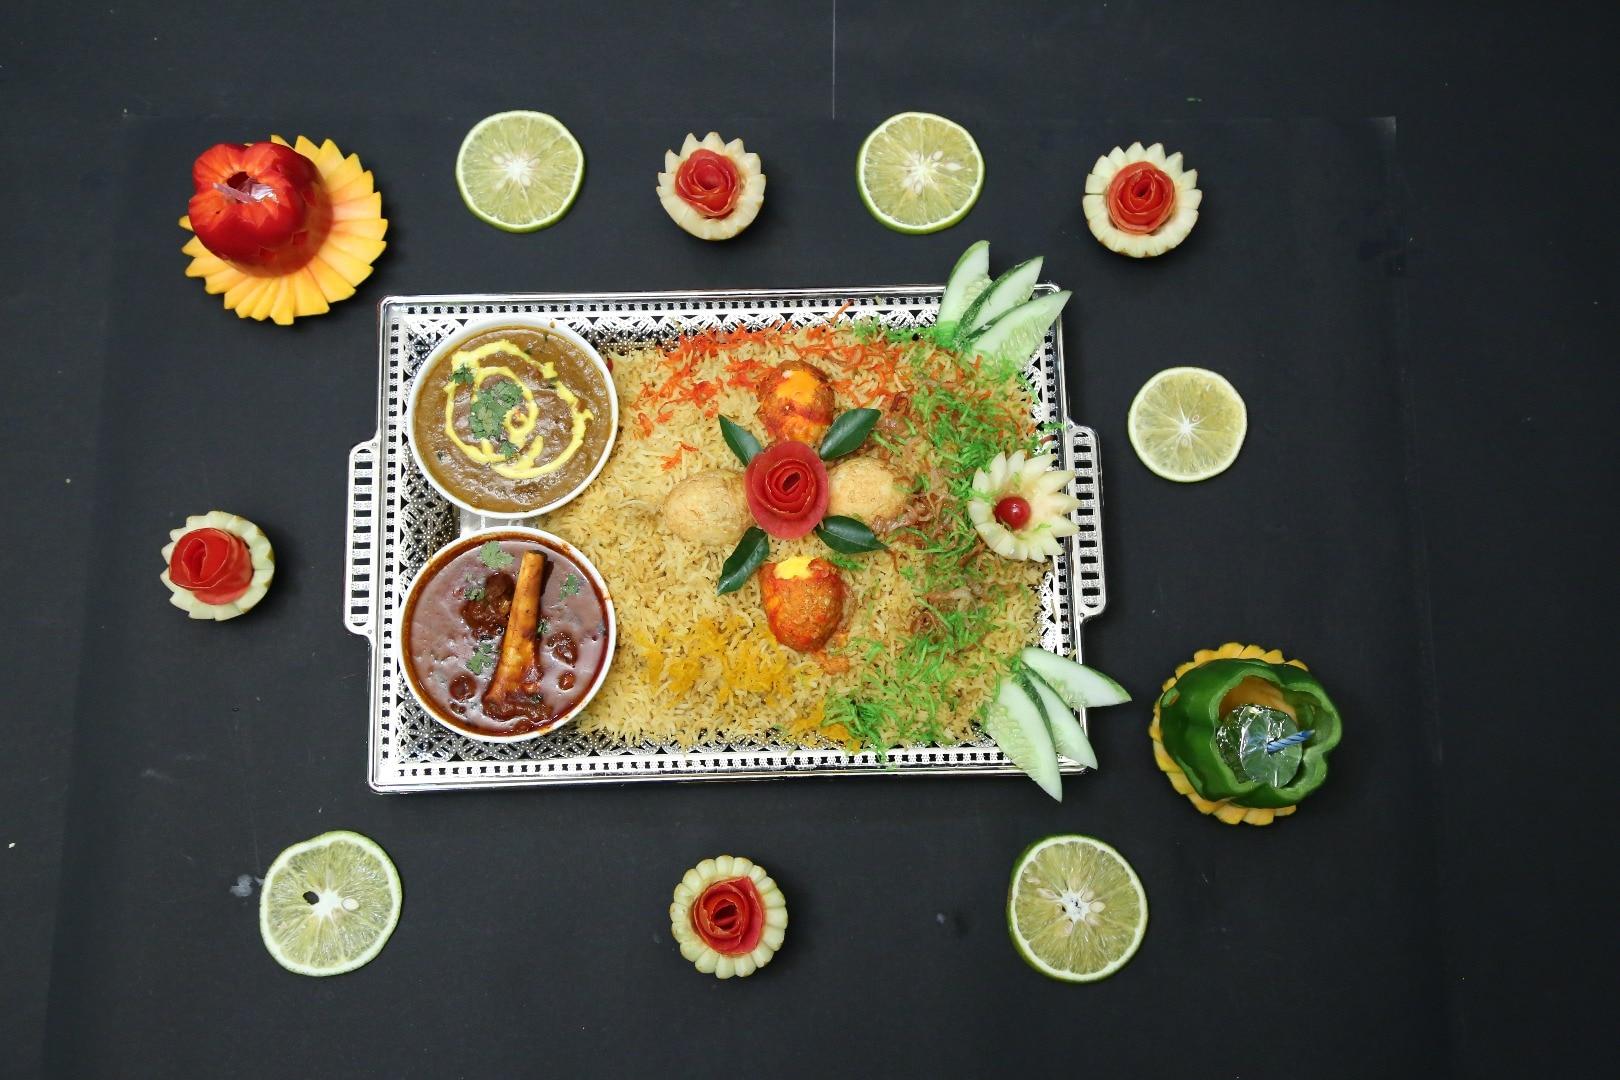 Sri Anjeneya Restaur